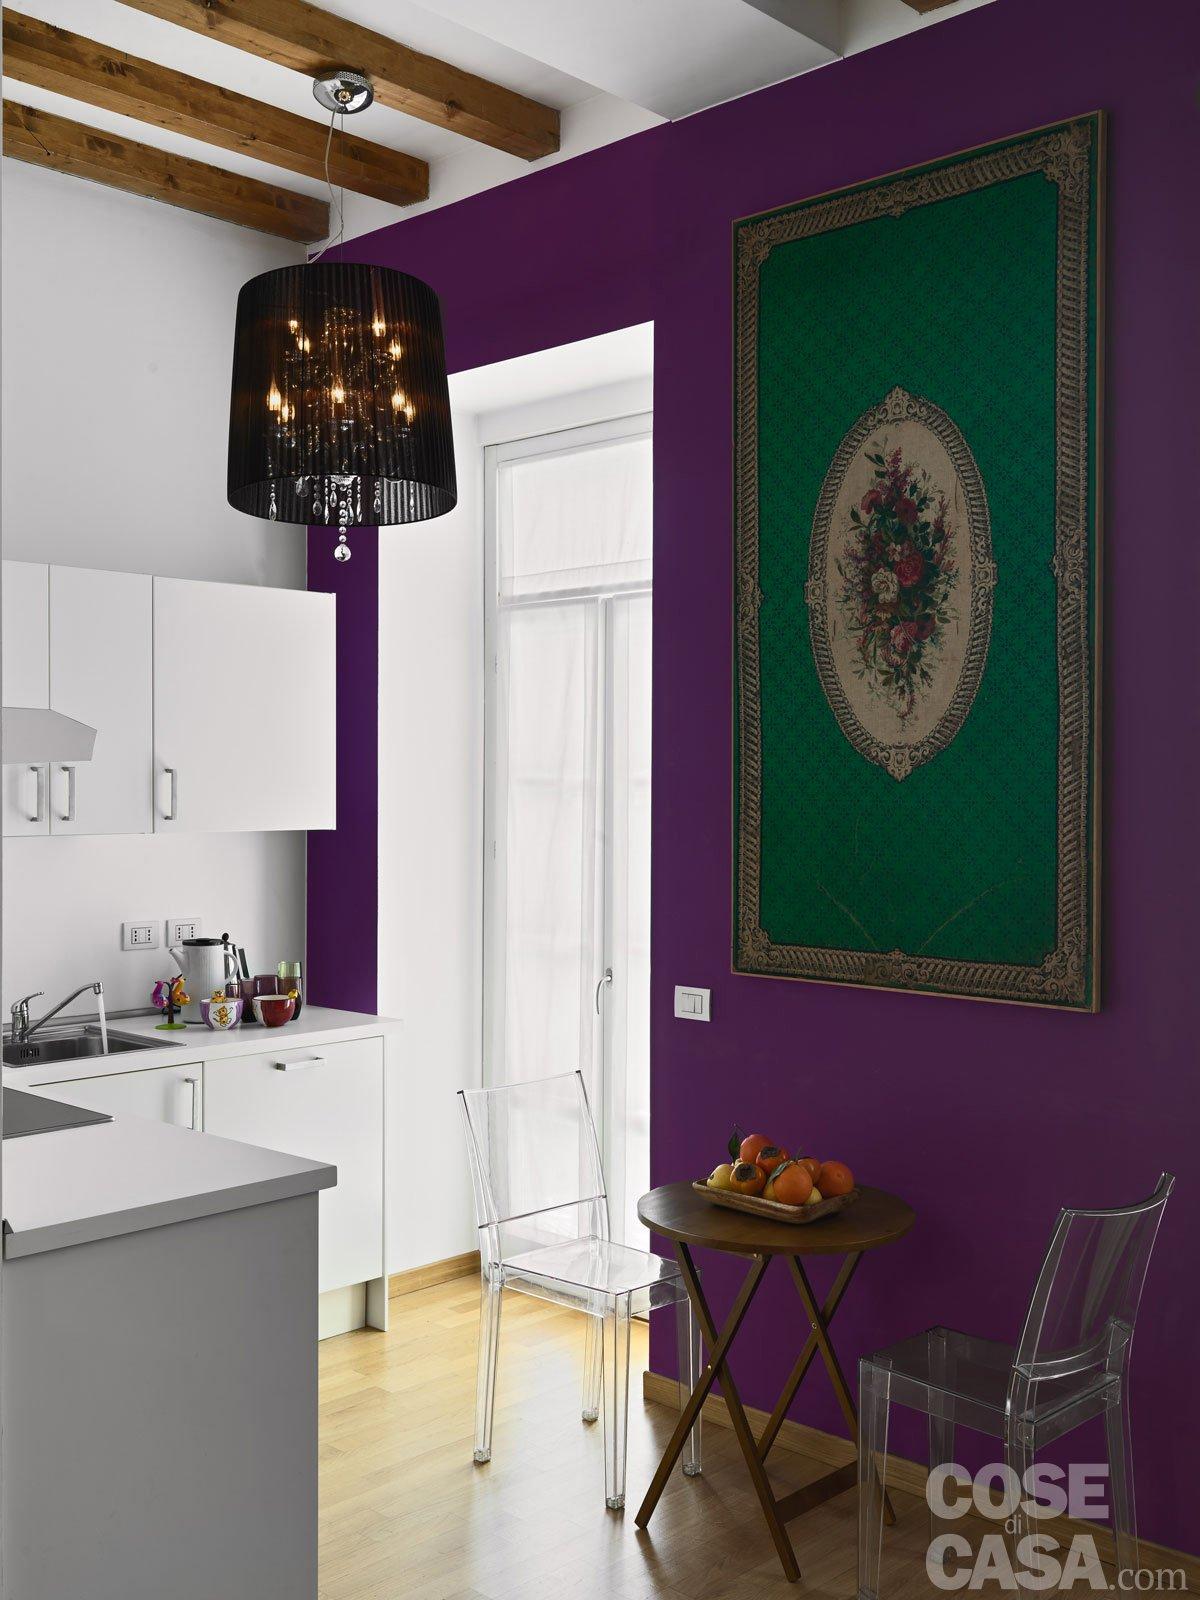 Una casa di 33 mq: monolocale d'effetto   cose di casa